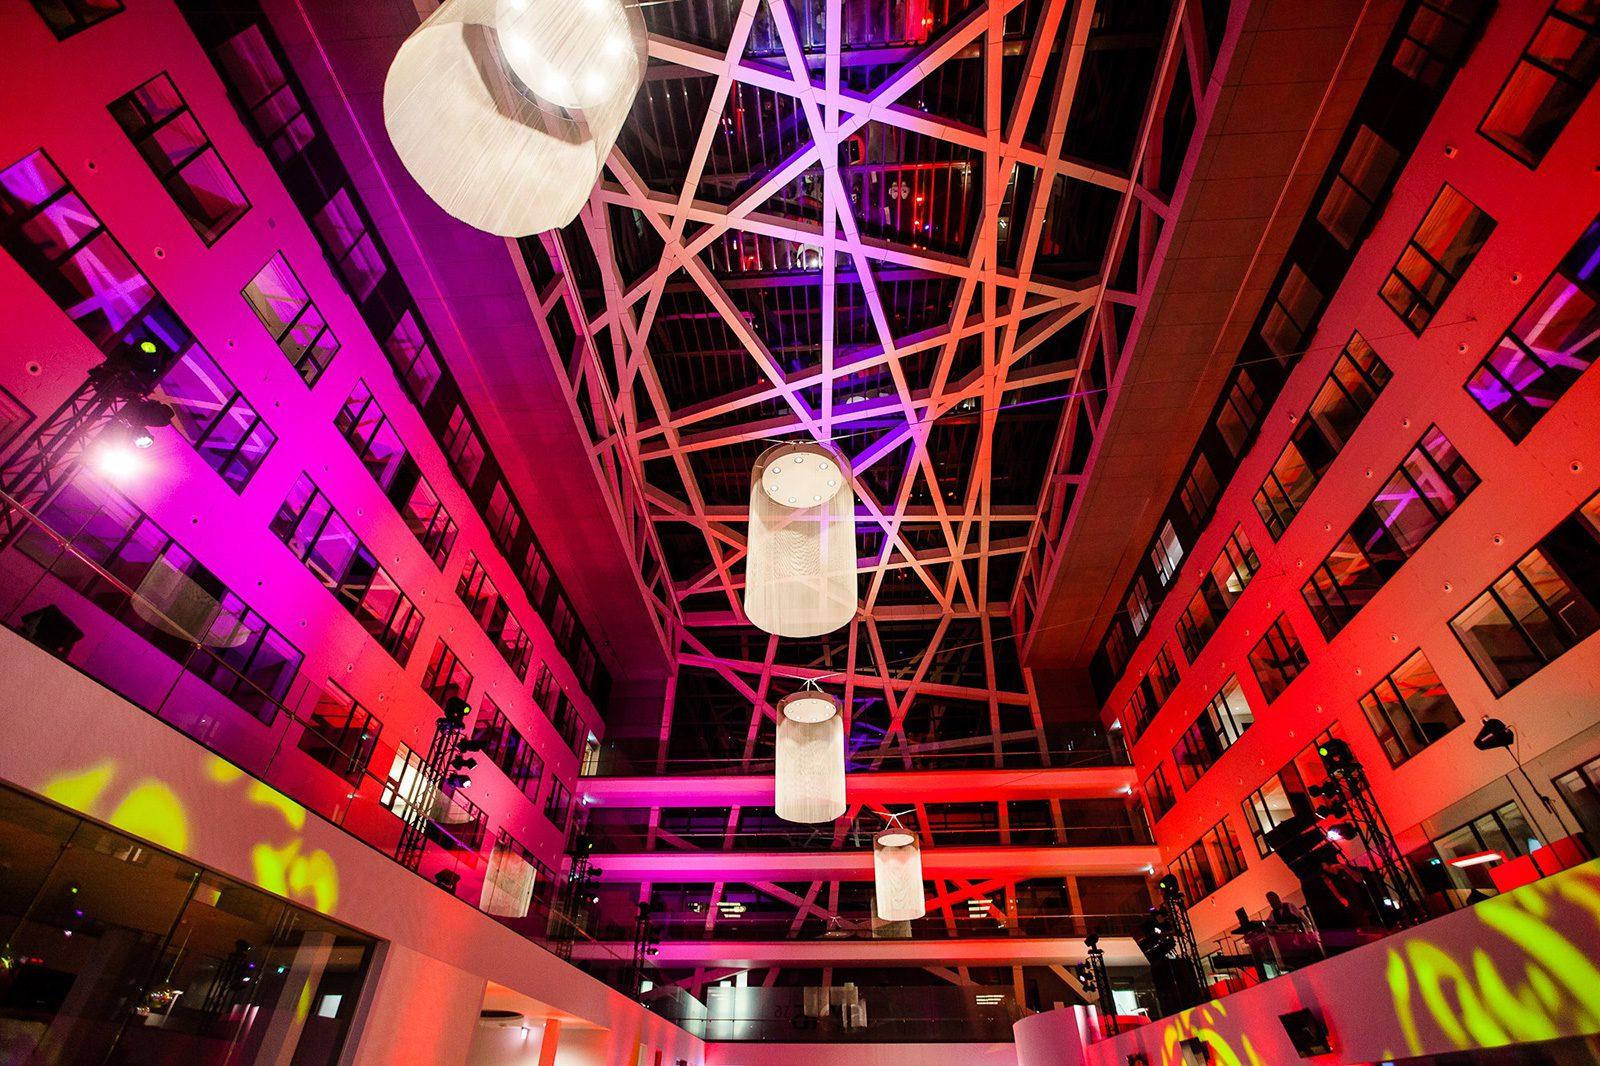 Onze CLF Ares spots zorgden voor een mooie egale verlichting van het nieuwe gebouw.